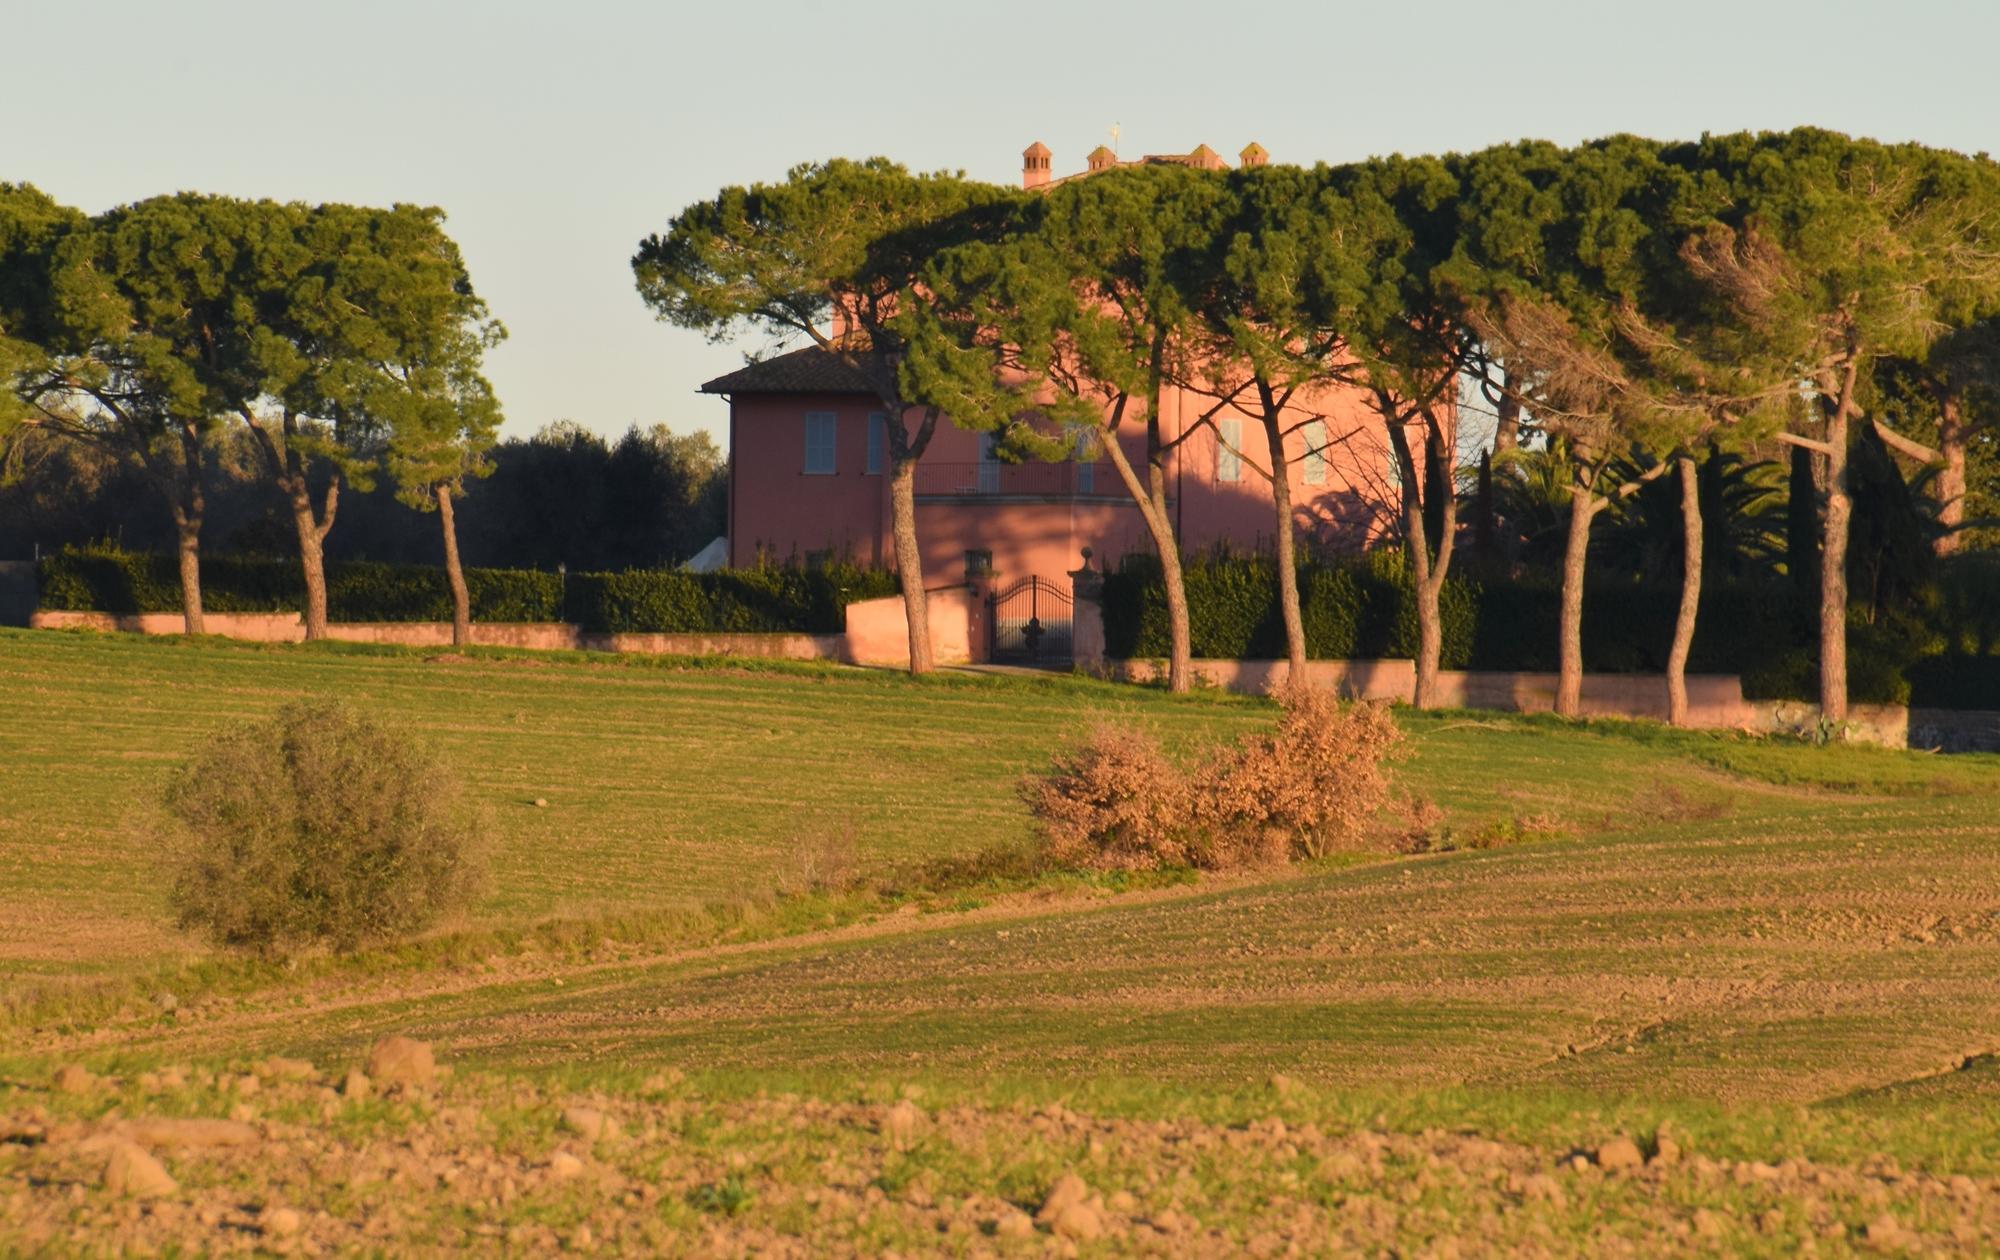 Tuscania-Loc. Pian di Vico, Casale di Pian di Vico ravvicinato rid - Copia